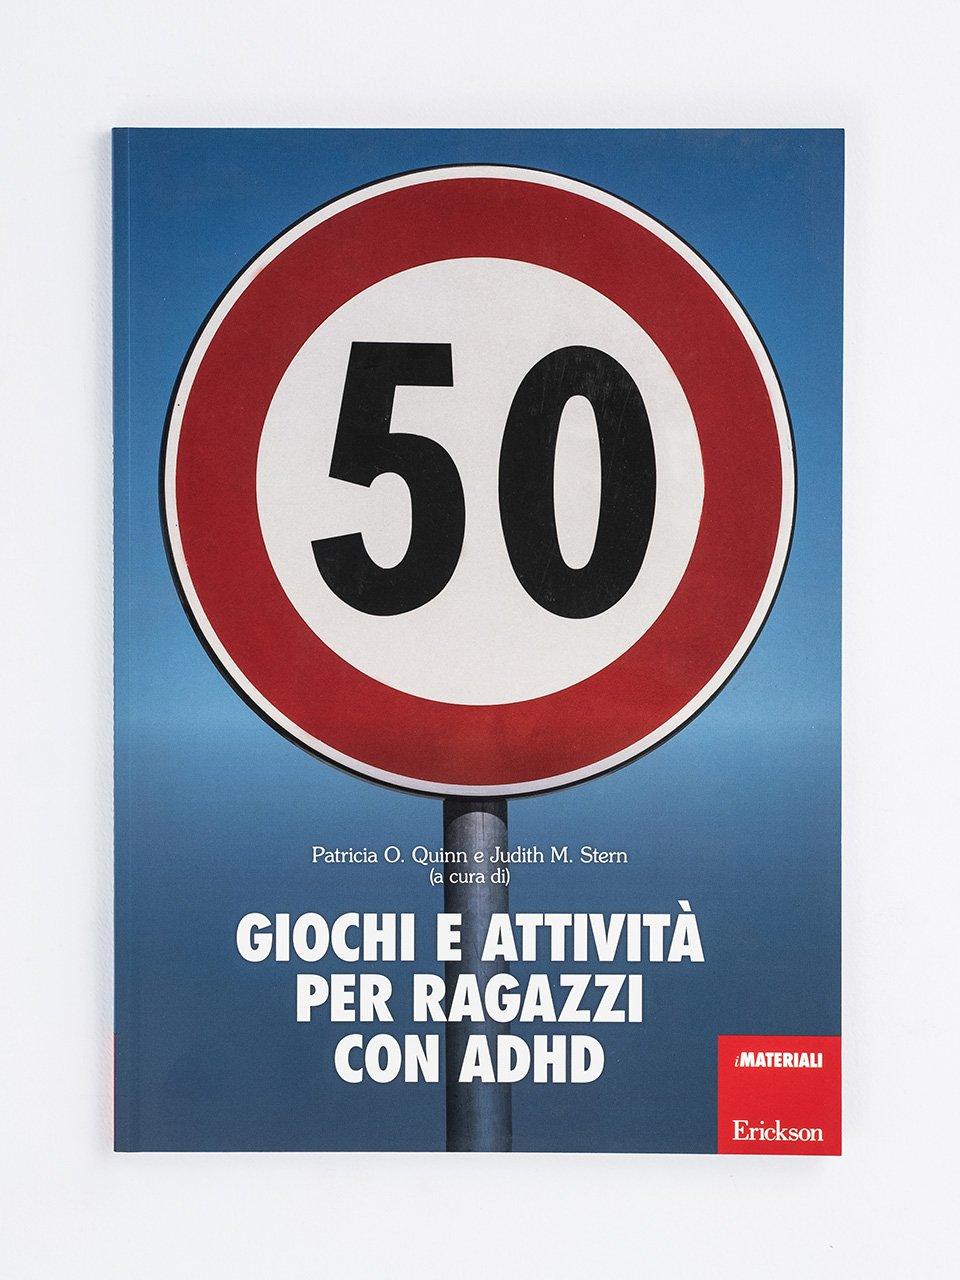 50 giochi e attività per ragazzi con ADHD - Largo, arrivo io! - Libri - Erickson